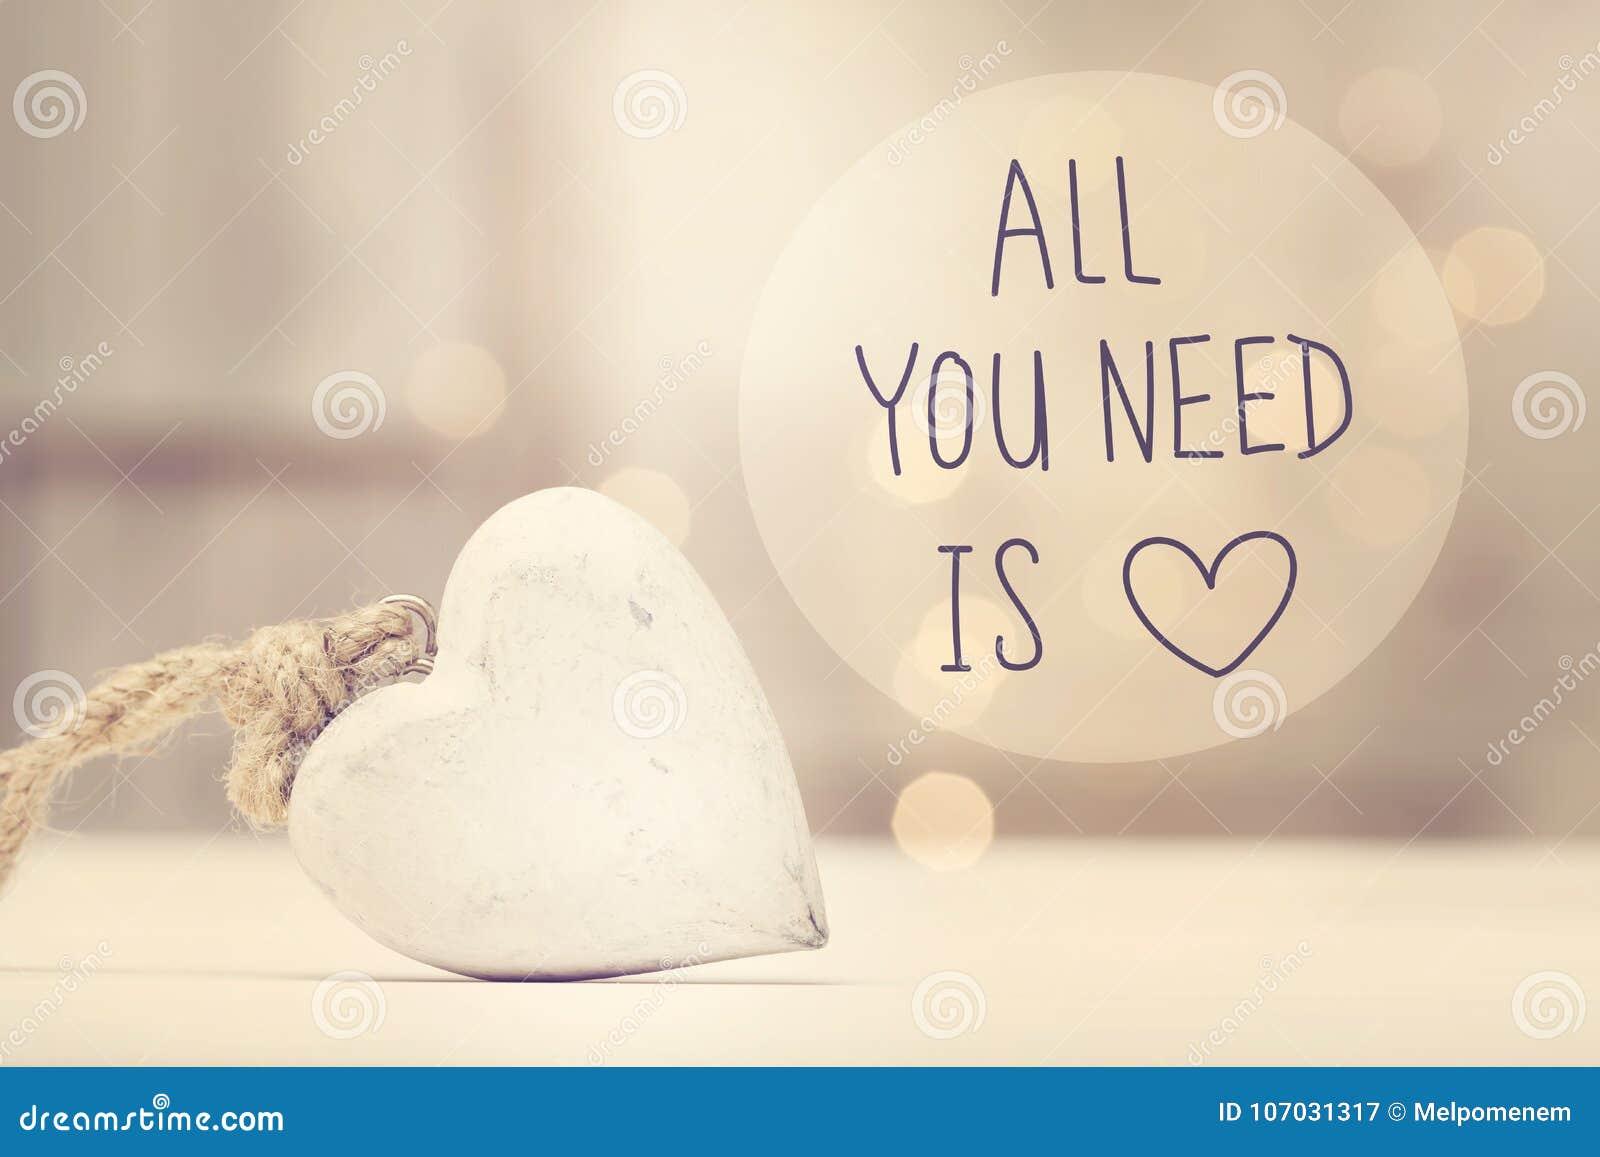 Όλο που χρειάζεστε είναι μήνυμα αγάπης με μια άσπρη καρδιά